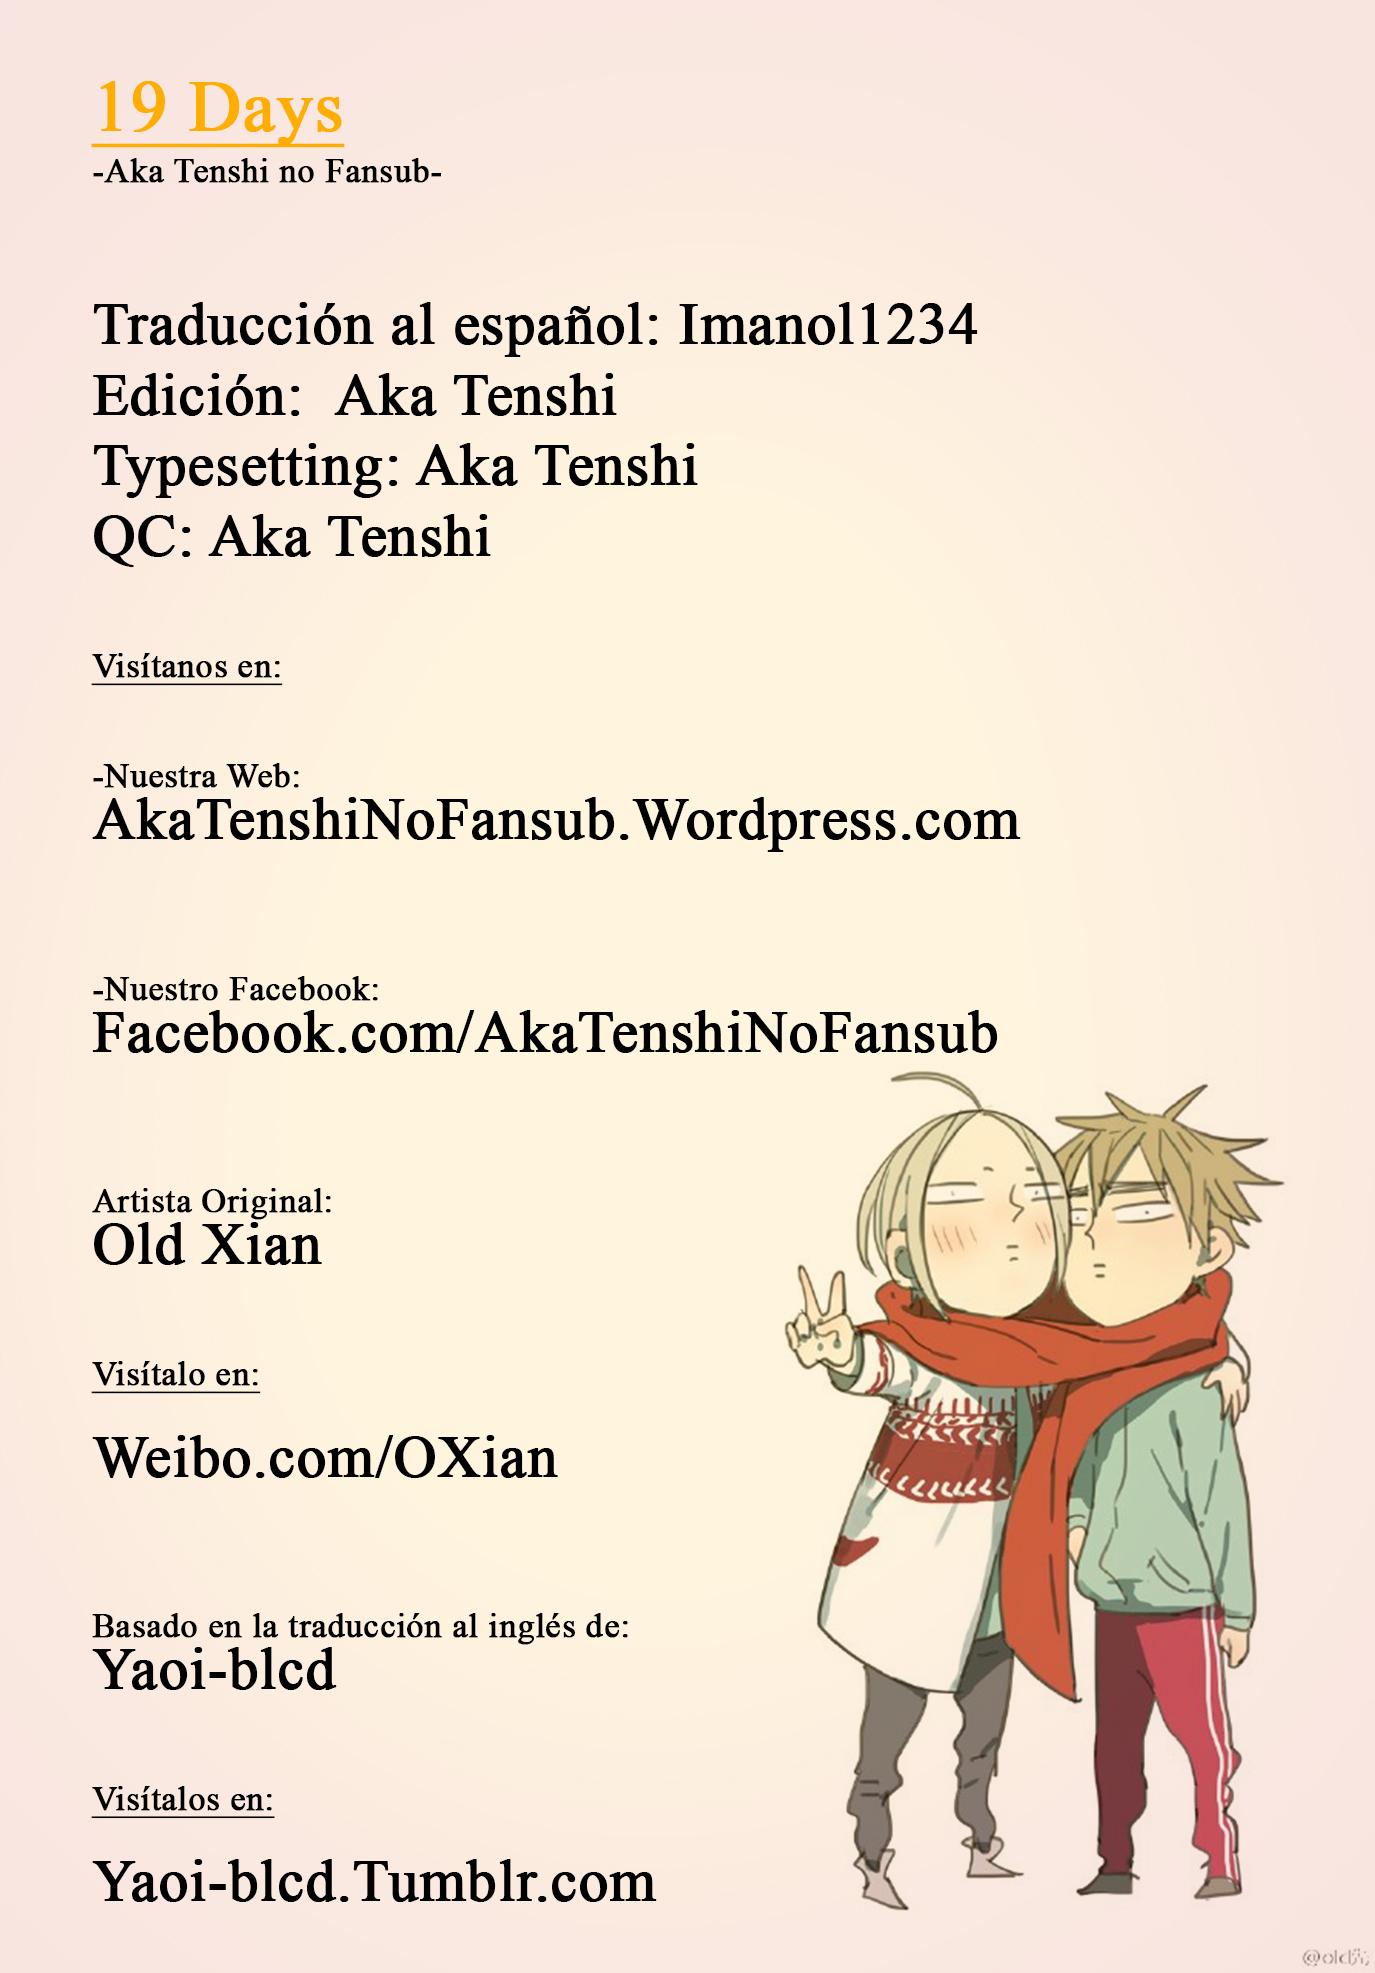 http://c5.ninemanga.com/es_manga/7/15943/438072/b3ef473798739df808644ad8640a502f.jpg Page 1